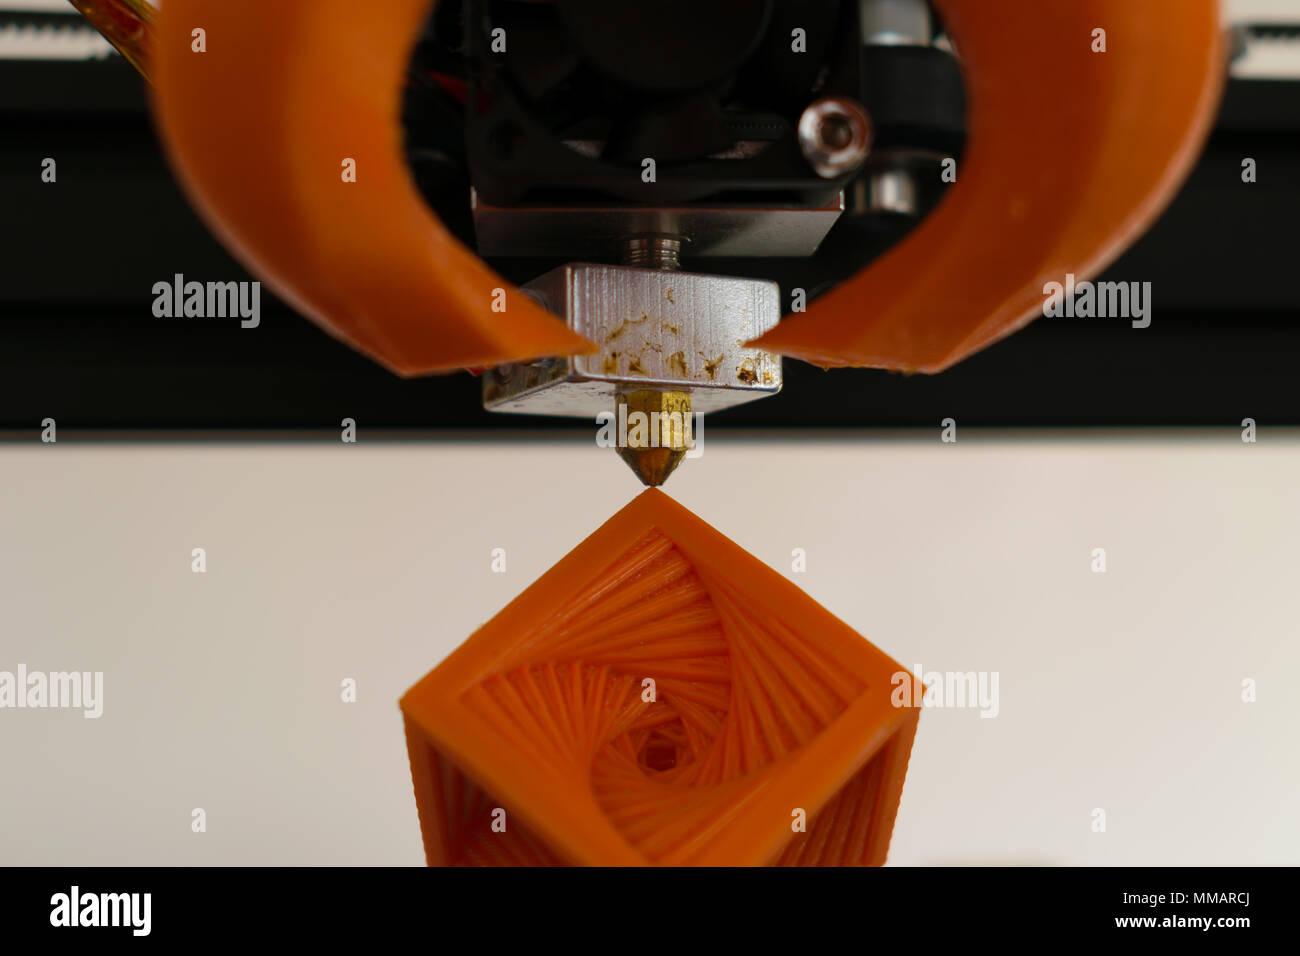 Impresora 3d hot-final la boquilla con el concepto de objeto impreso Imagen De Stock